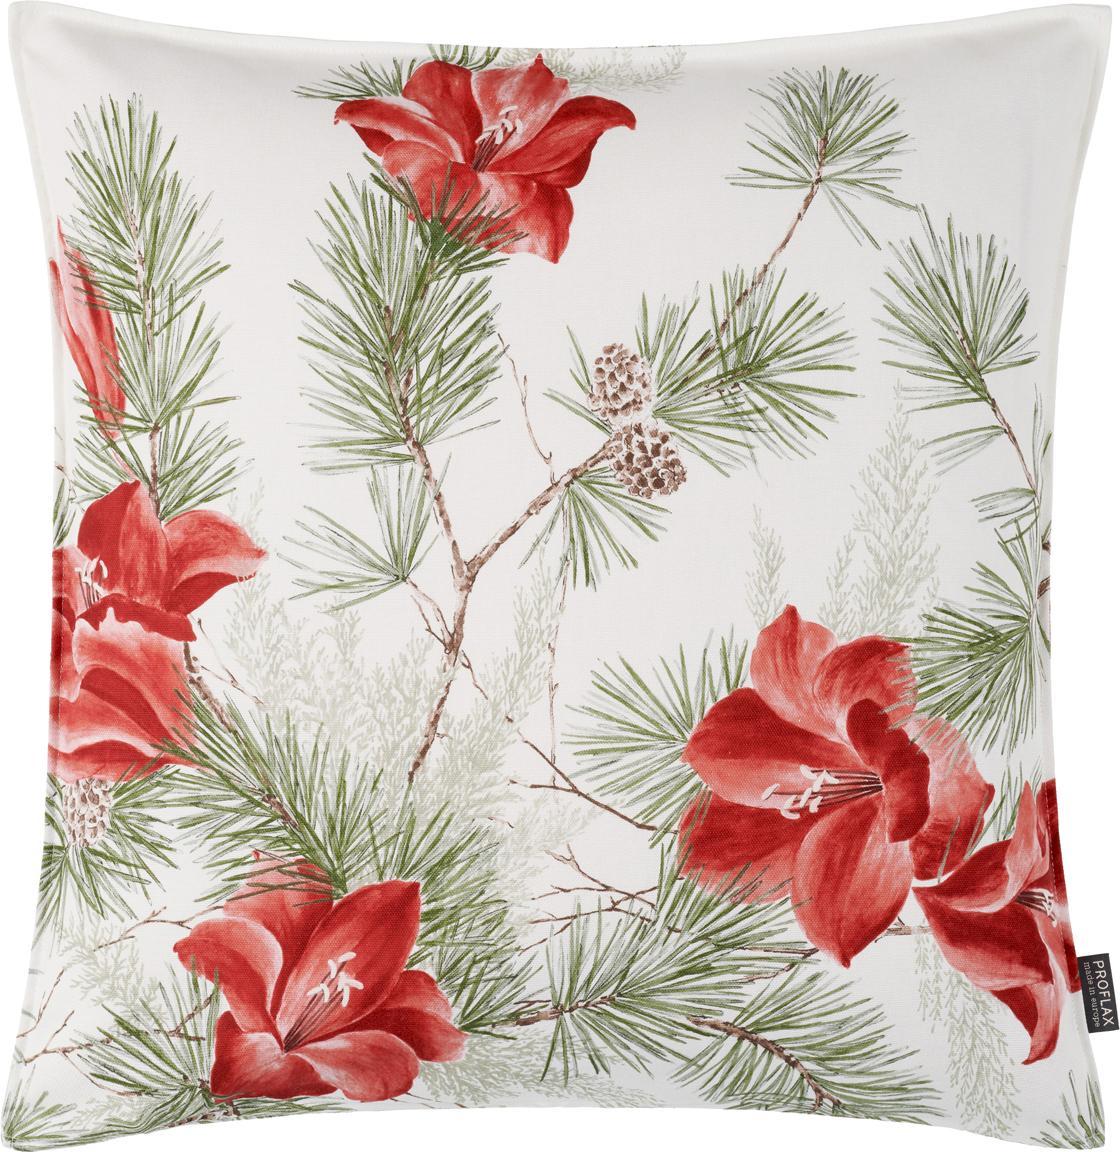 Kussenhoes Amara met bloemen patroon, Katoen, Wit, rood, groen, 50 x 50 cm